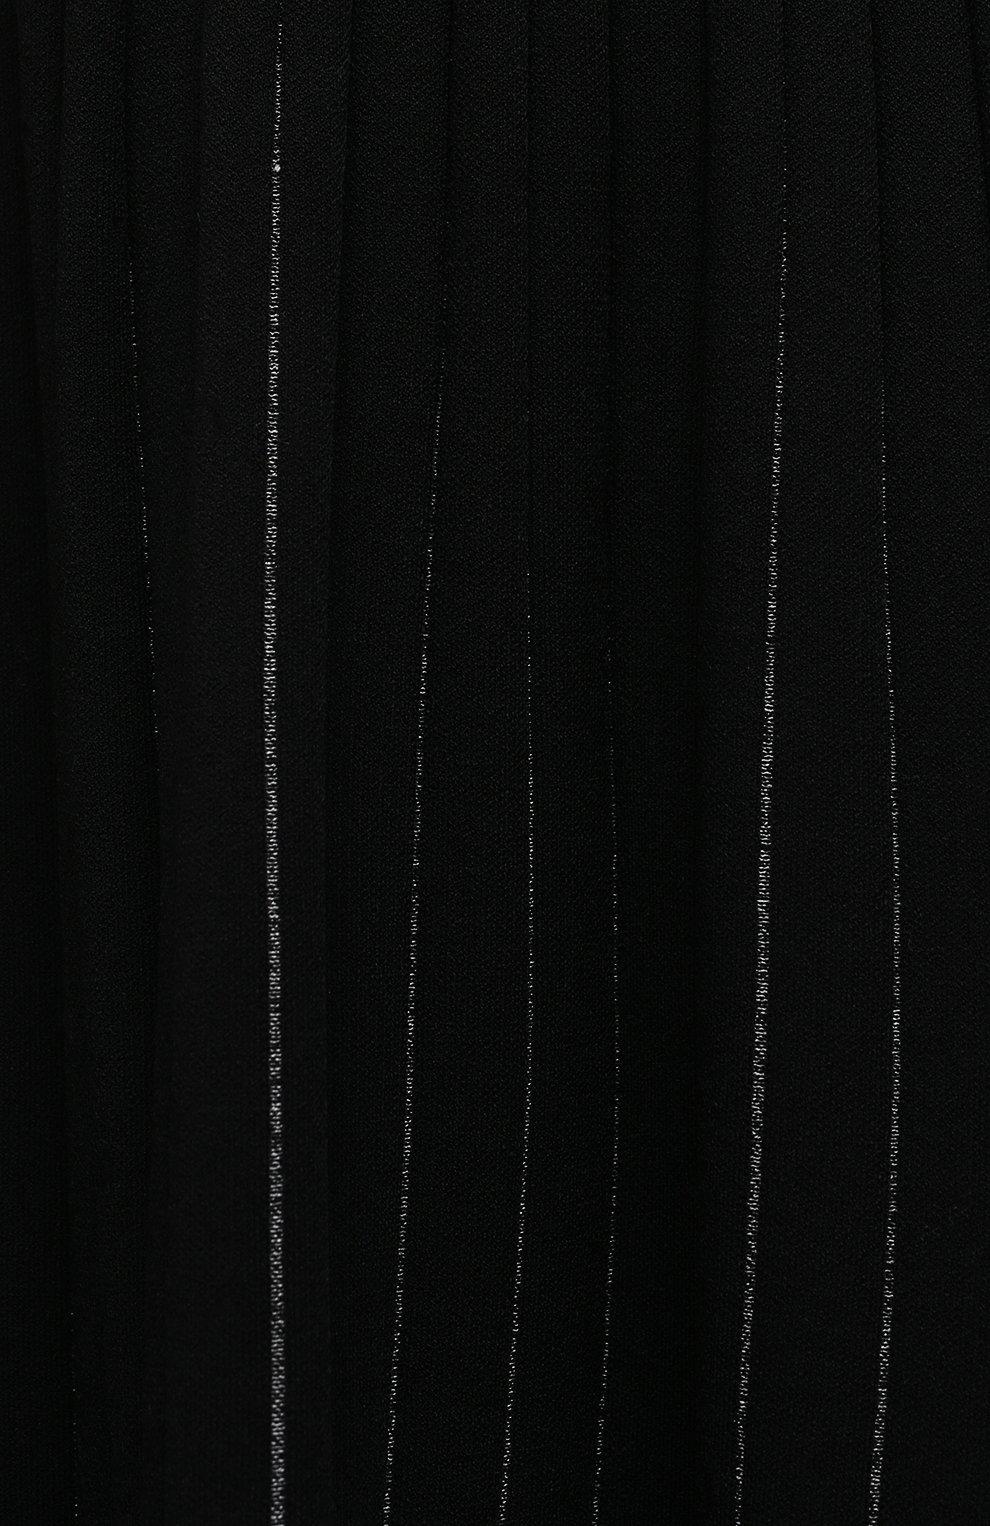 Женское платье из вискозы PROENZA SCHOULER черного цвета, арт. R2117599-KY213 | Фото 5 (Случай: Повседневный; Длина Ж (юбки, платья, шорты): Миди; Материал внешний: Вискоза; Рукава: 3/4; Стили: Романтичный)